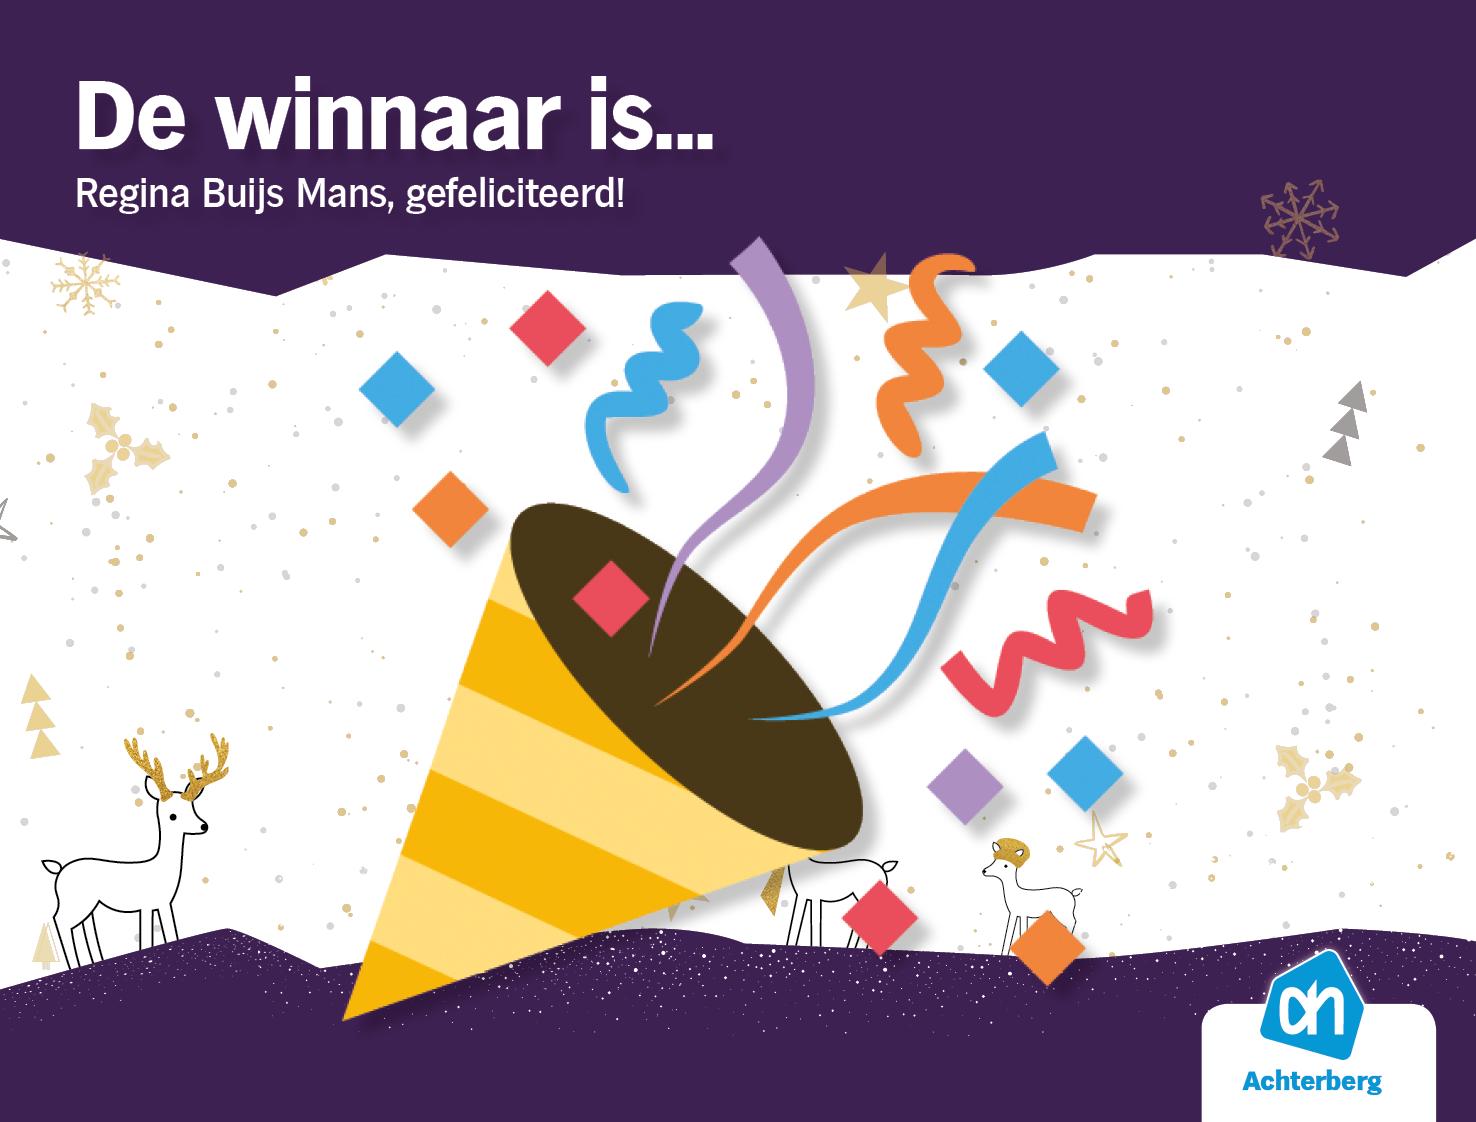 De winnaar is… Regina Buijs Mans, gefeliciteerd!